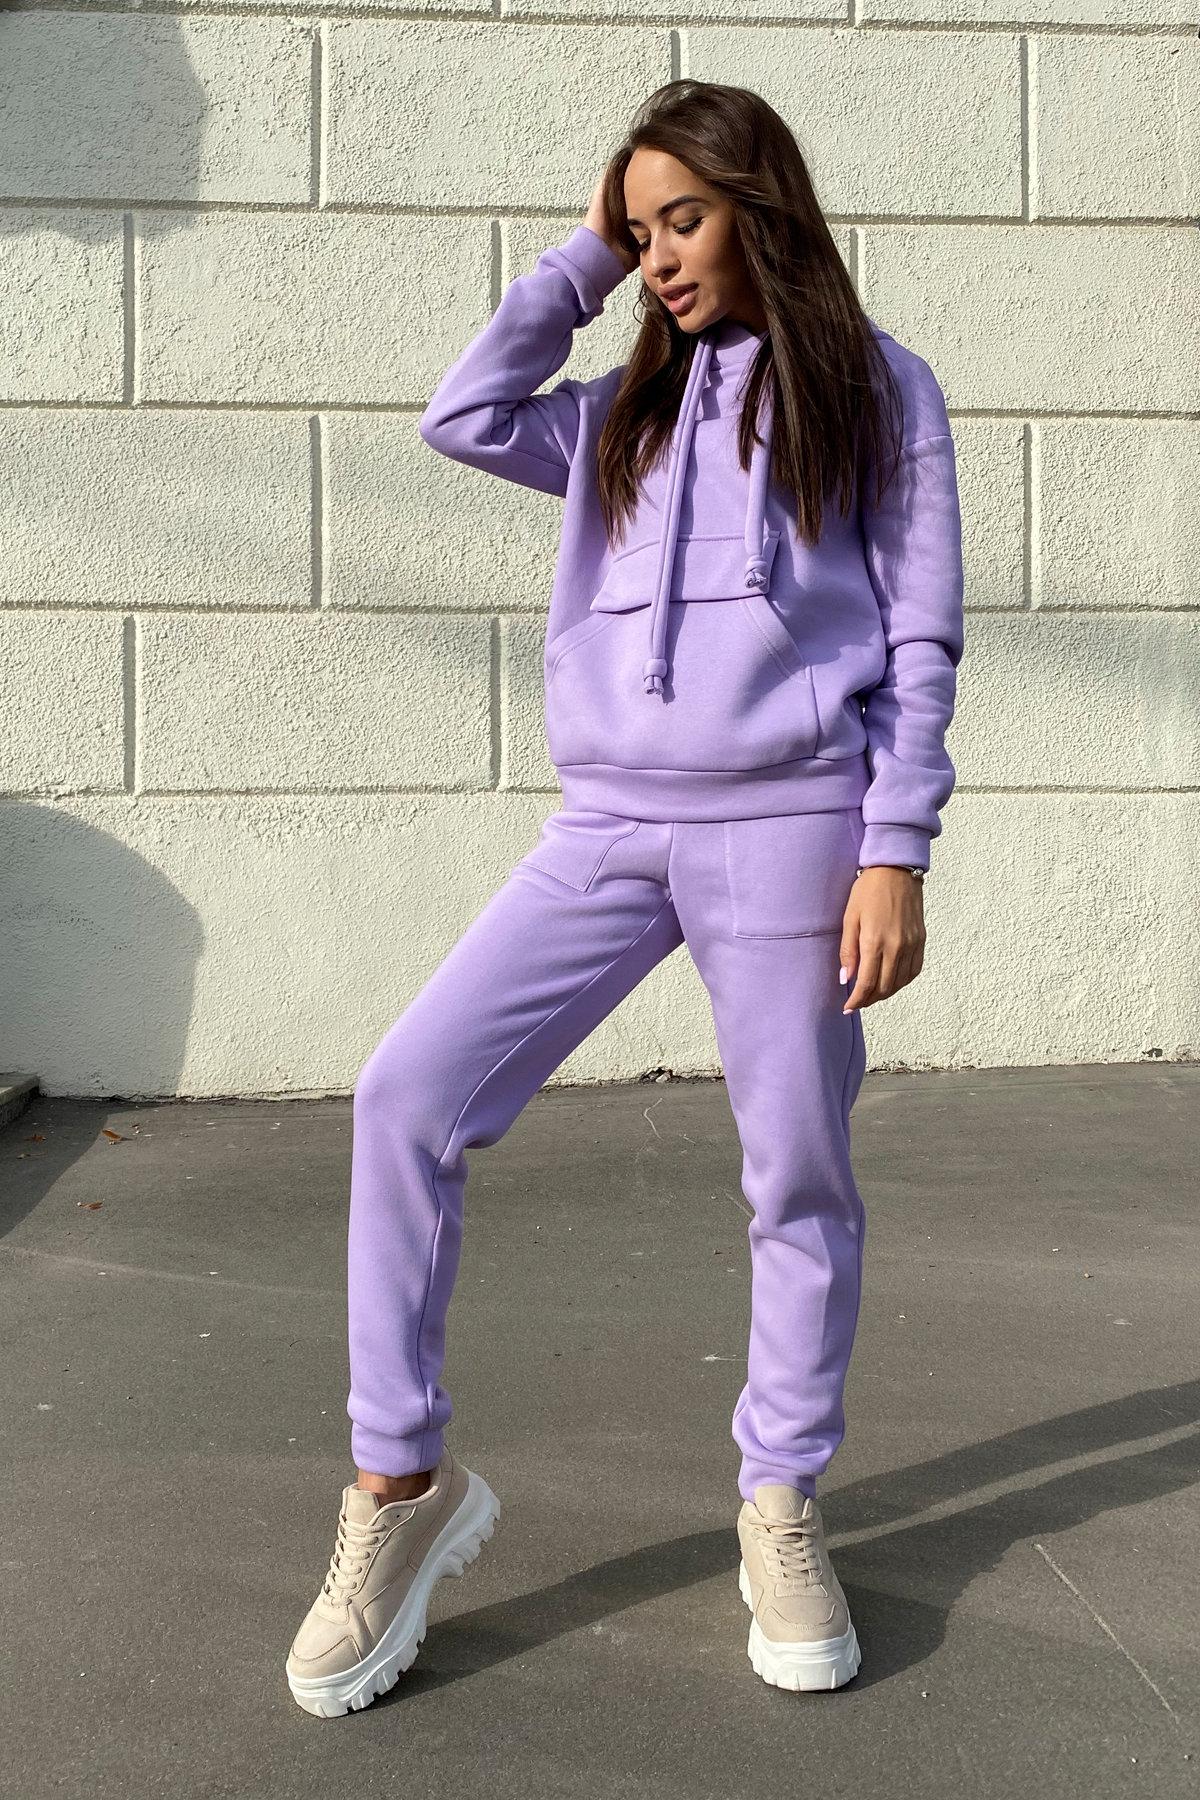 Бруклин  прогулочный костюм 3х нитка с начесом  9663 АРТ. 46097 Цвет: лаванда светлая - фото 6, интернет магазин tm-modus.ru